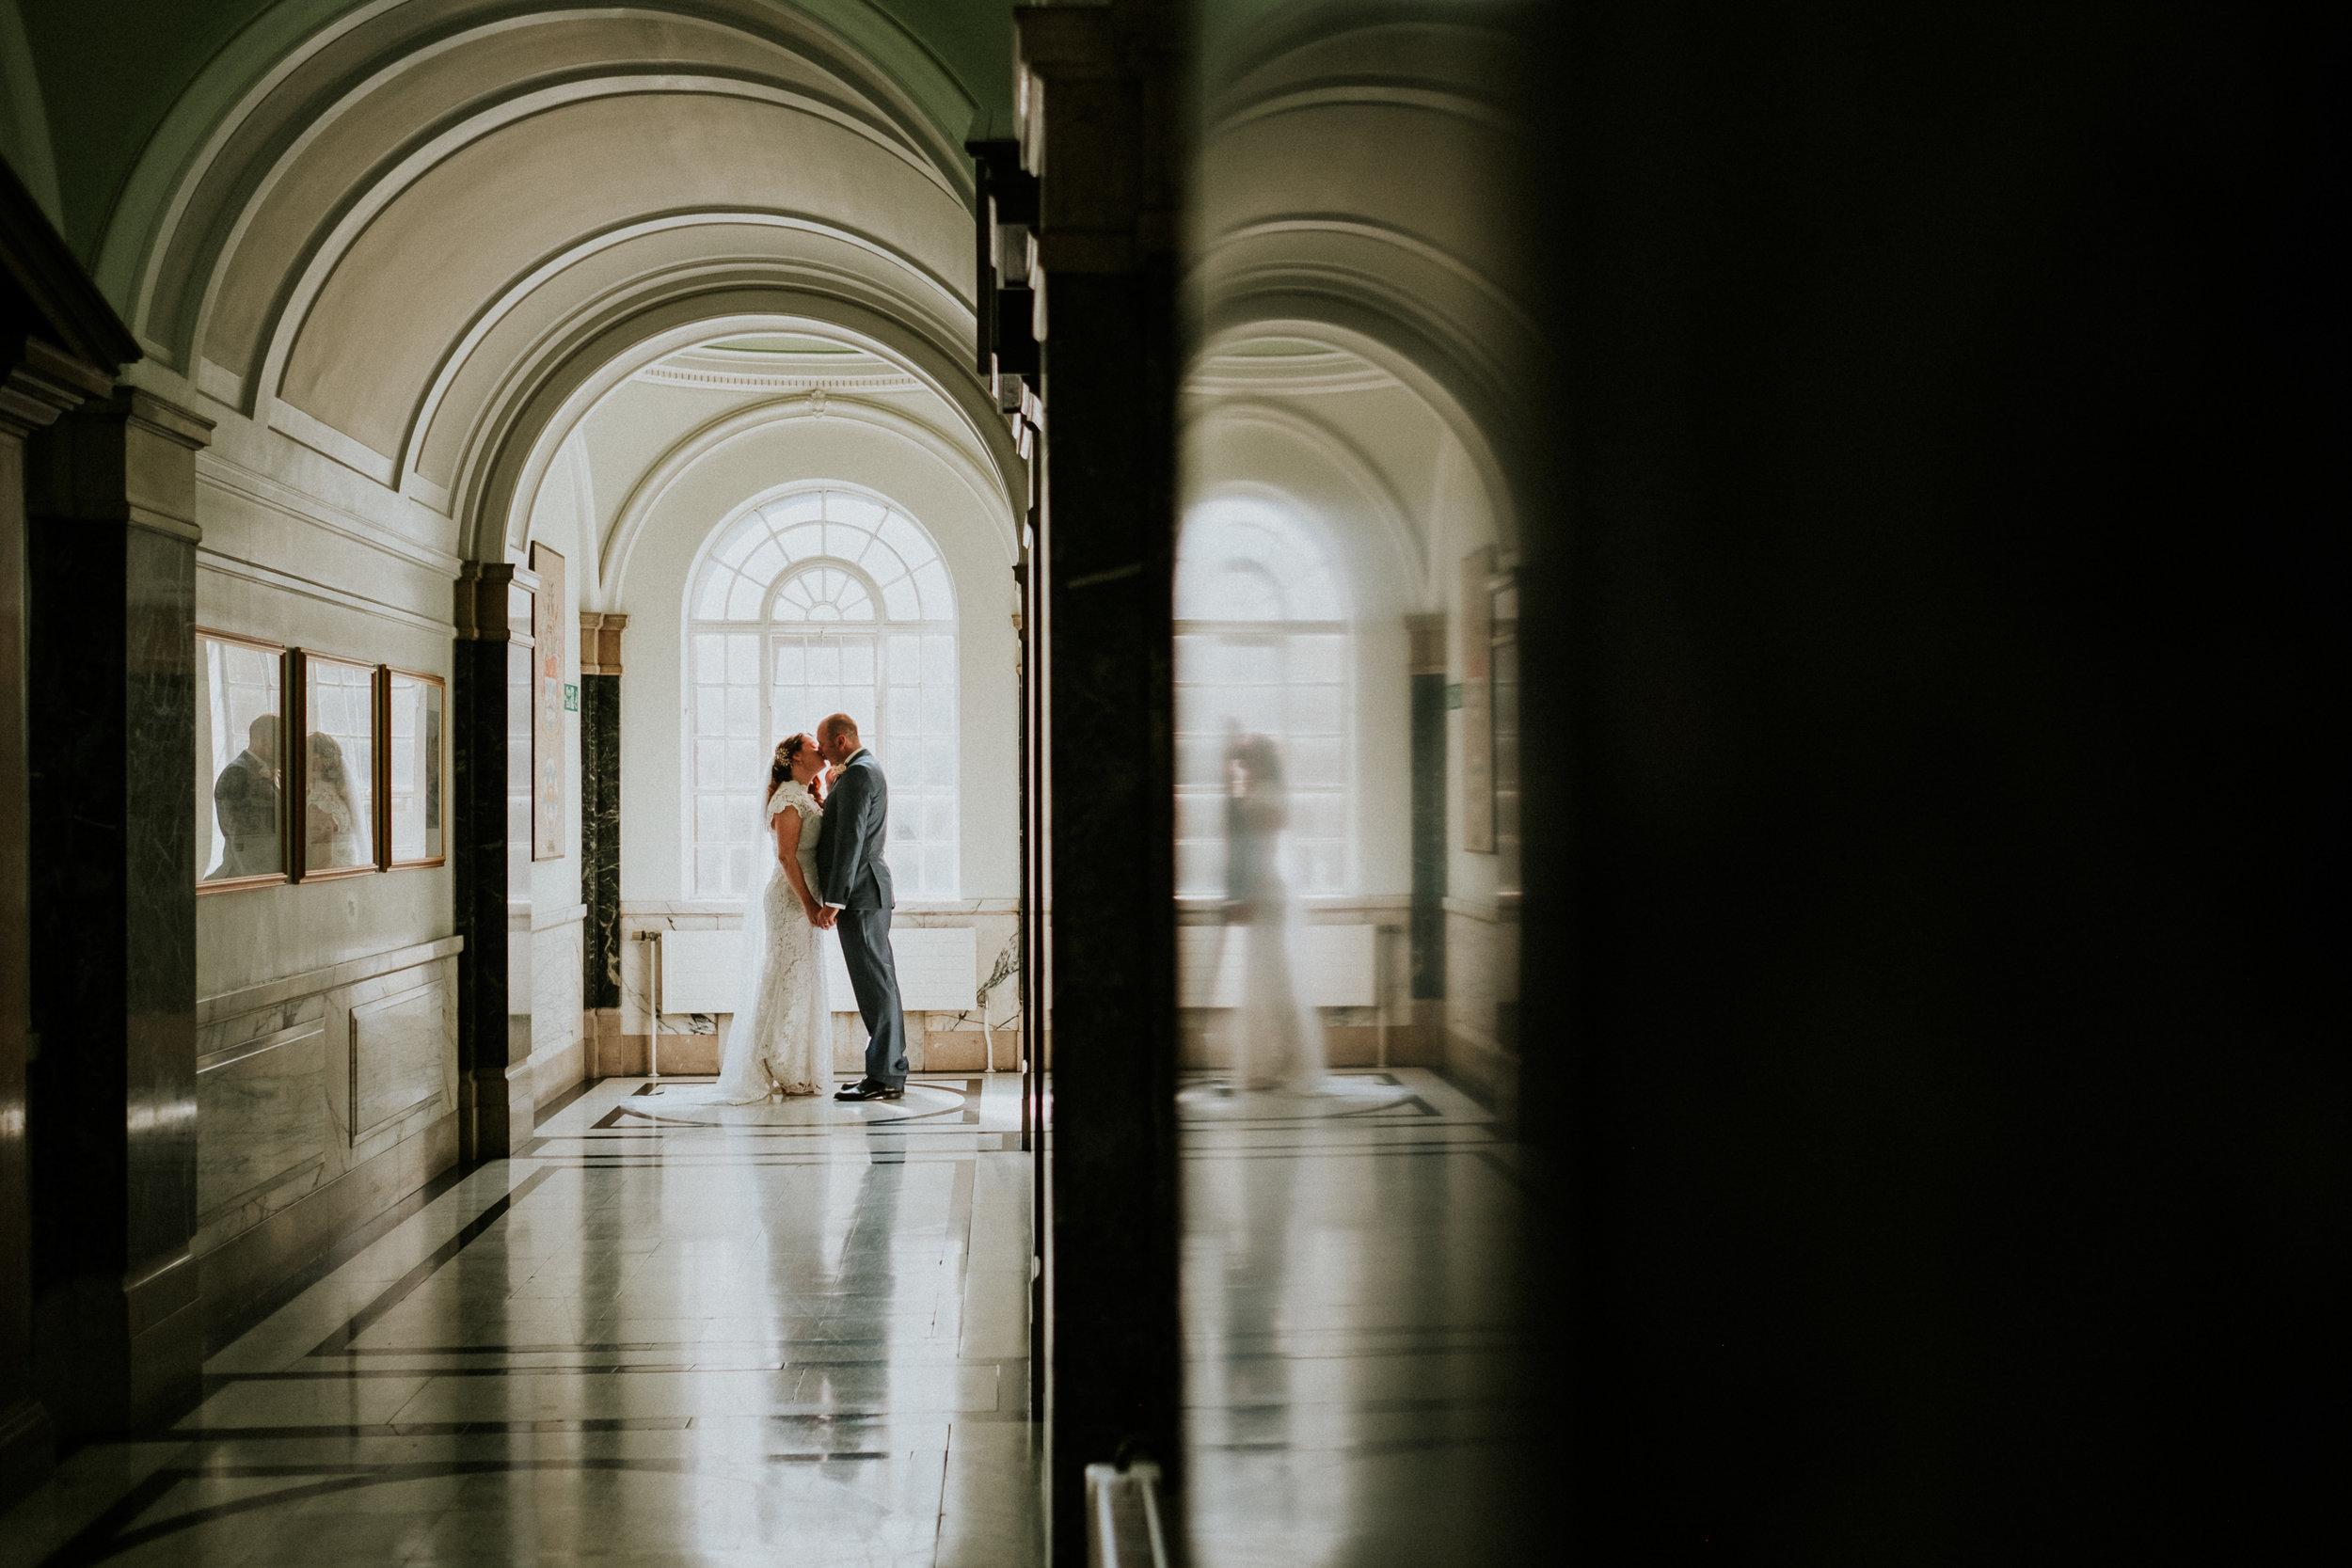 21 alternative london wedding photographer joanna nicole3.jpg